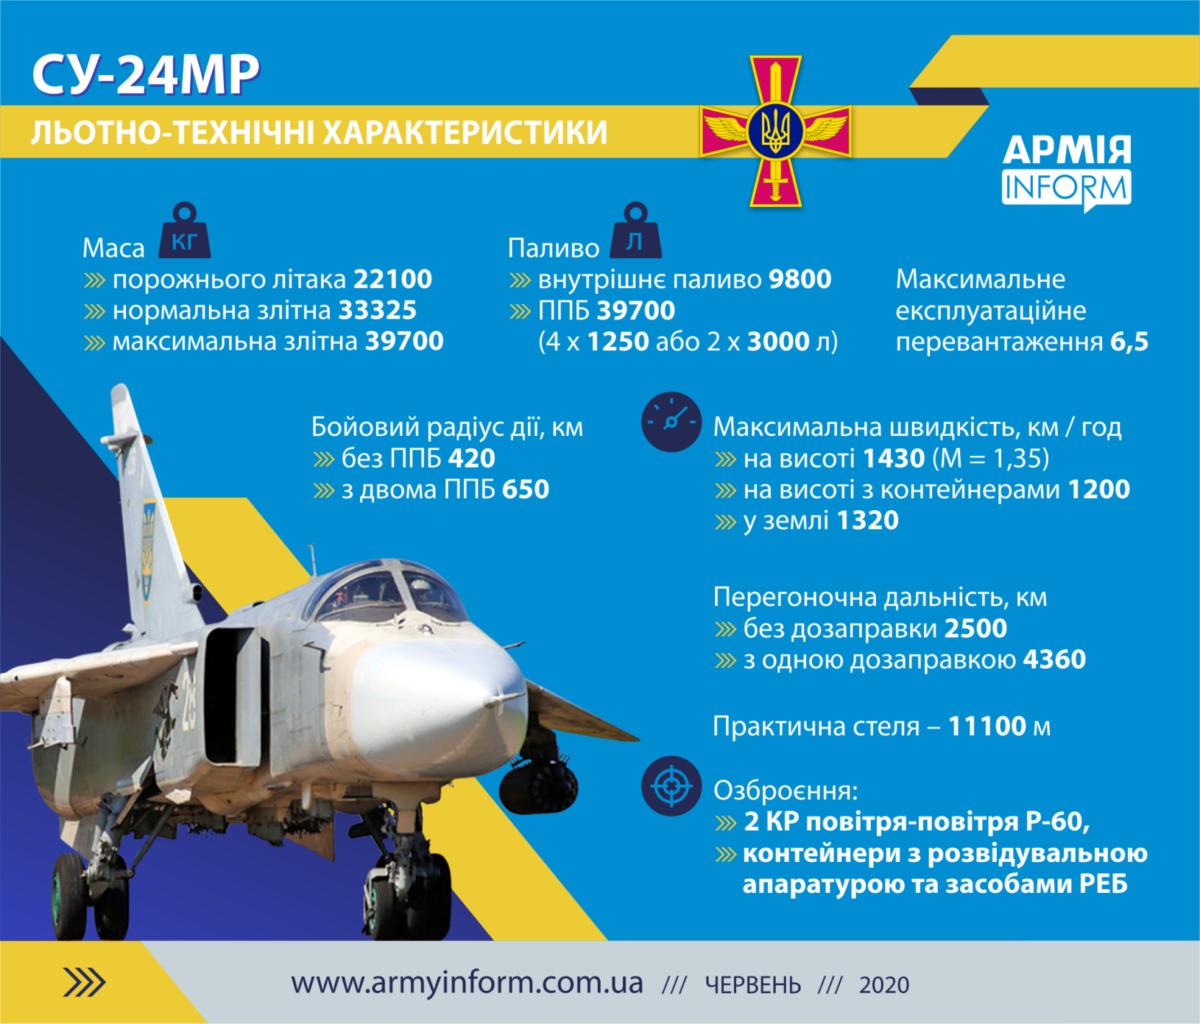 Інфографіка Оснащення літака Су-24М